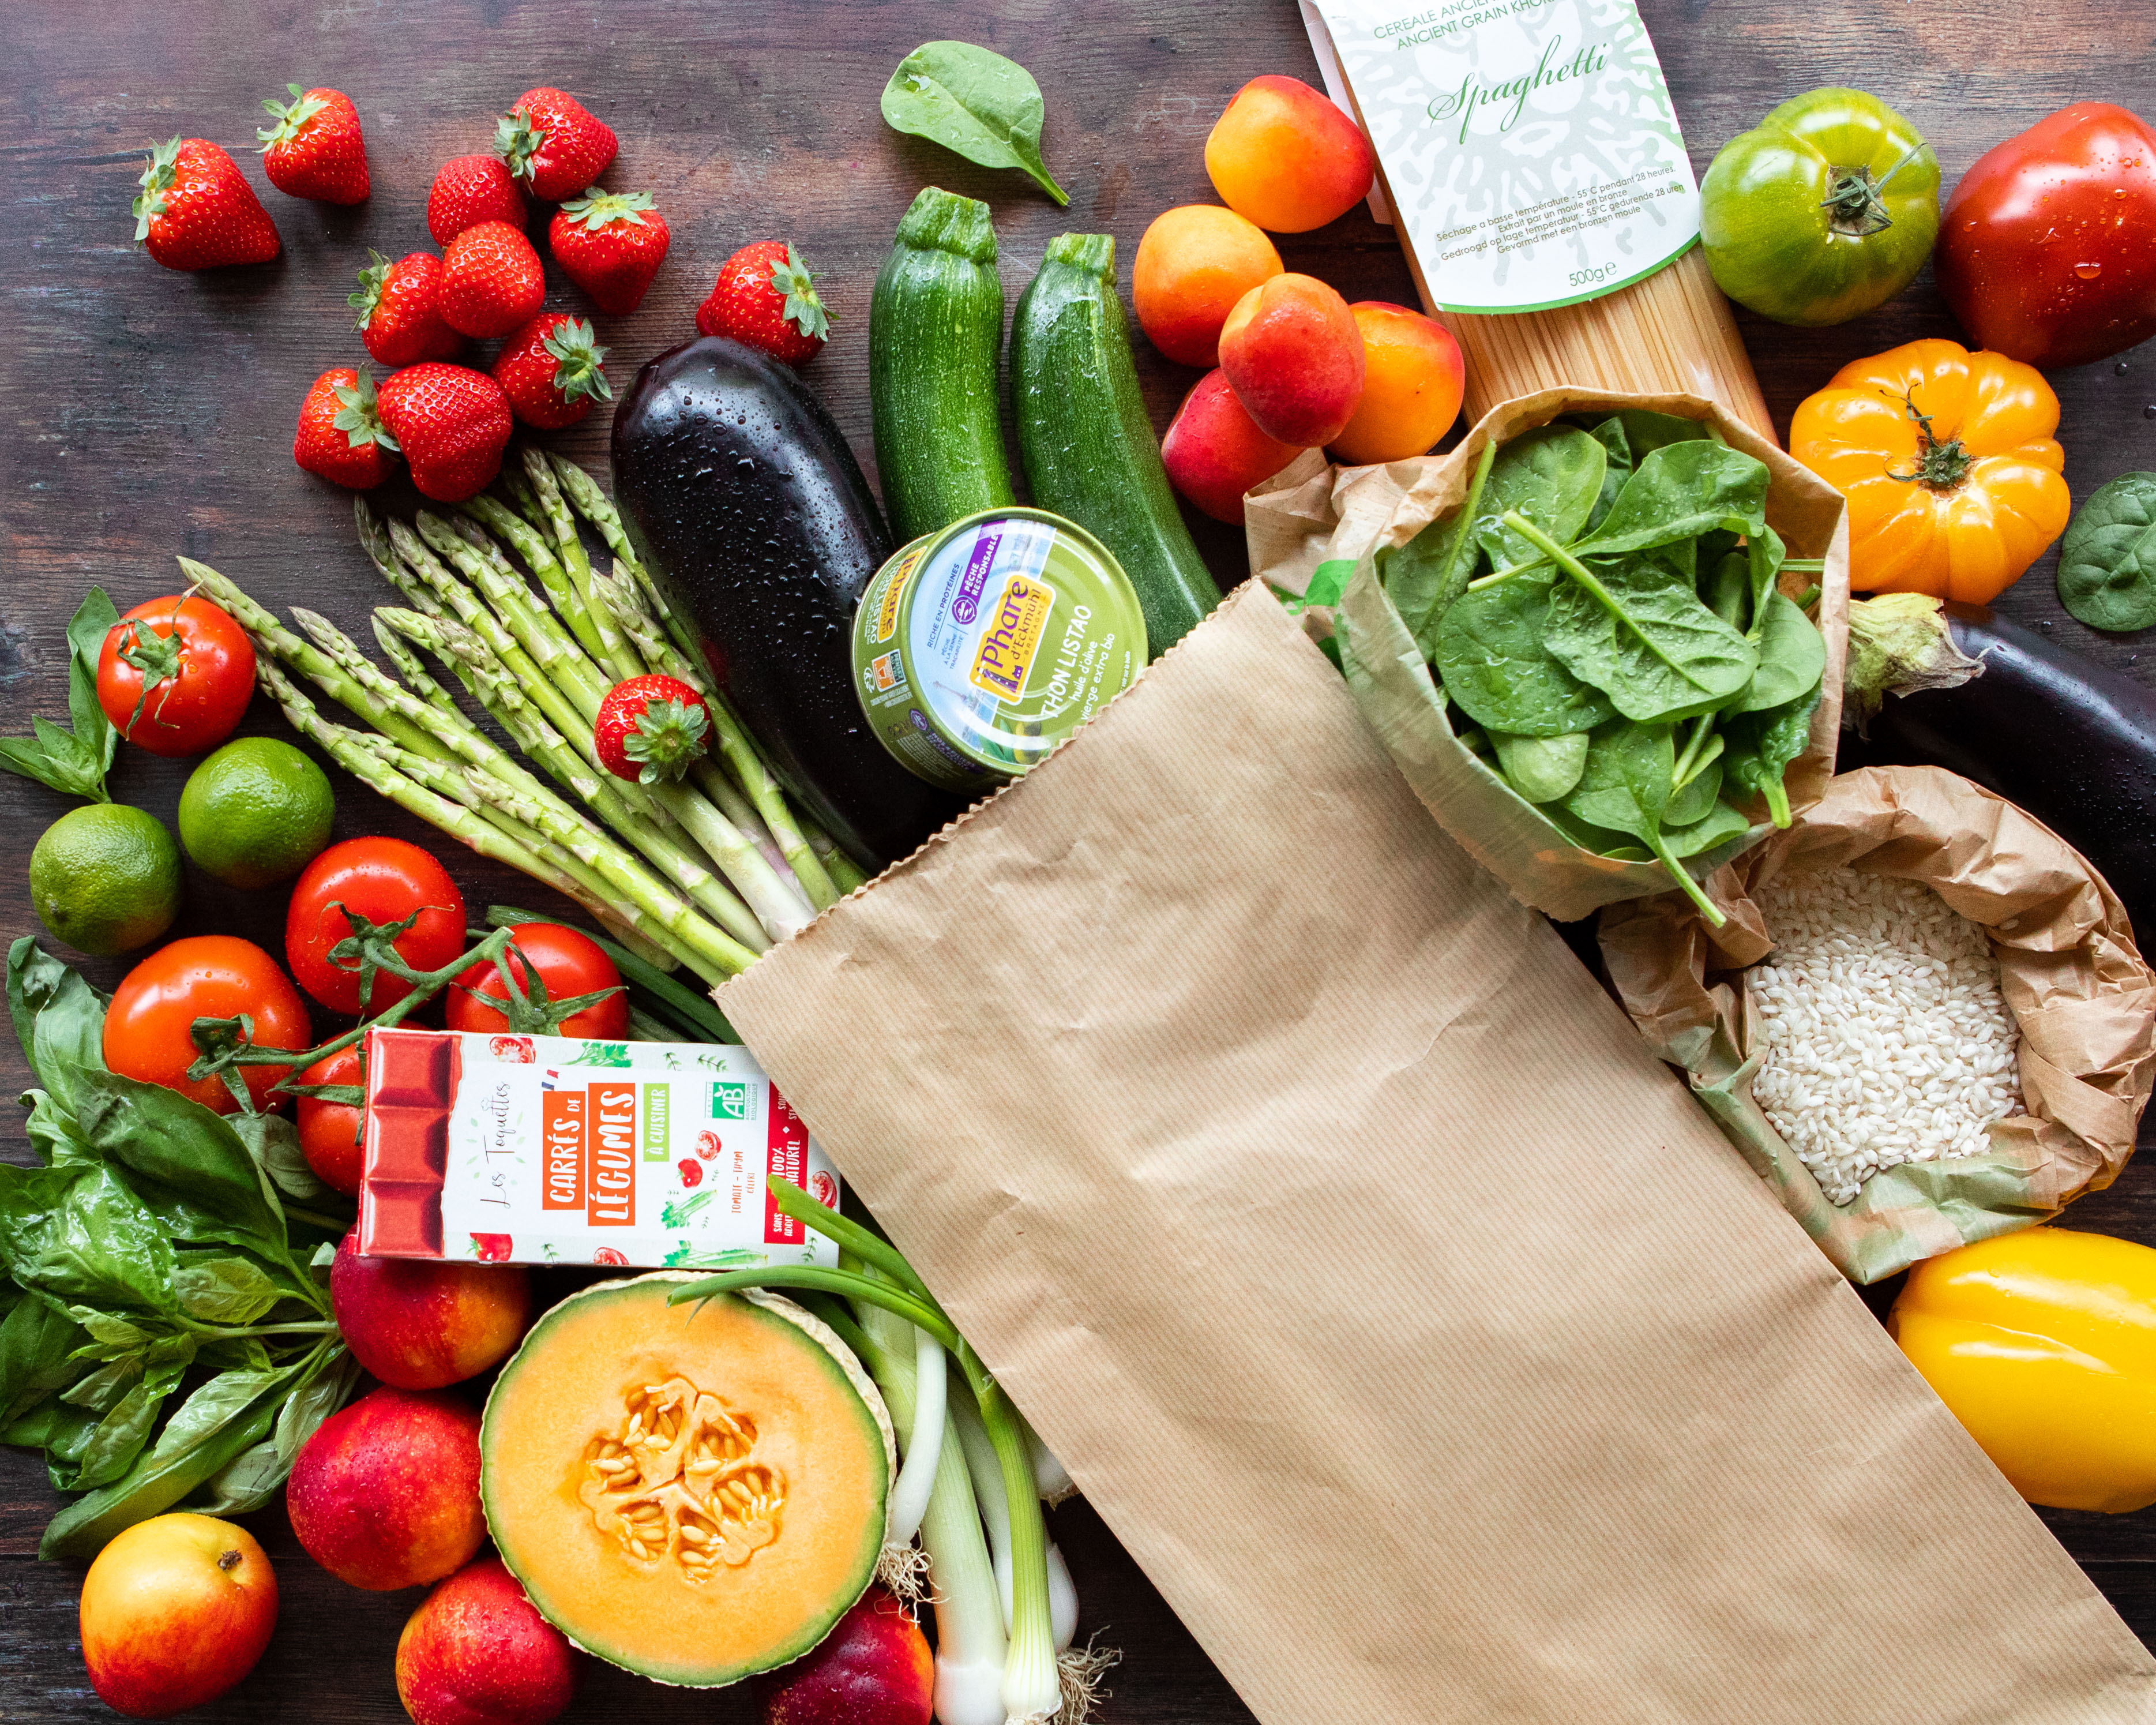 Sac 5 recettes avec fruits, légumes et produits d'épicerie bio